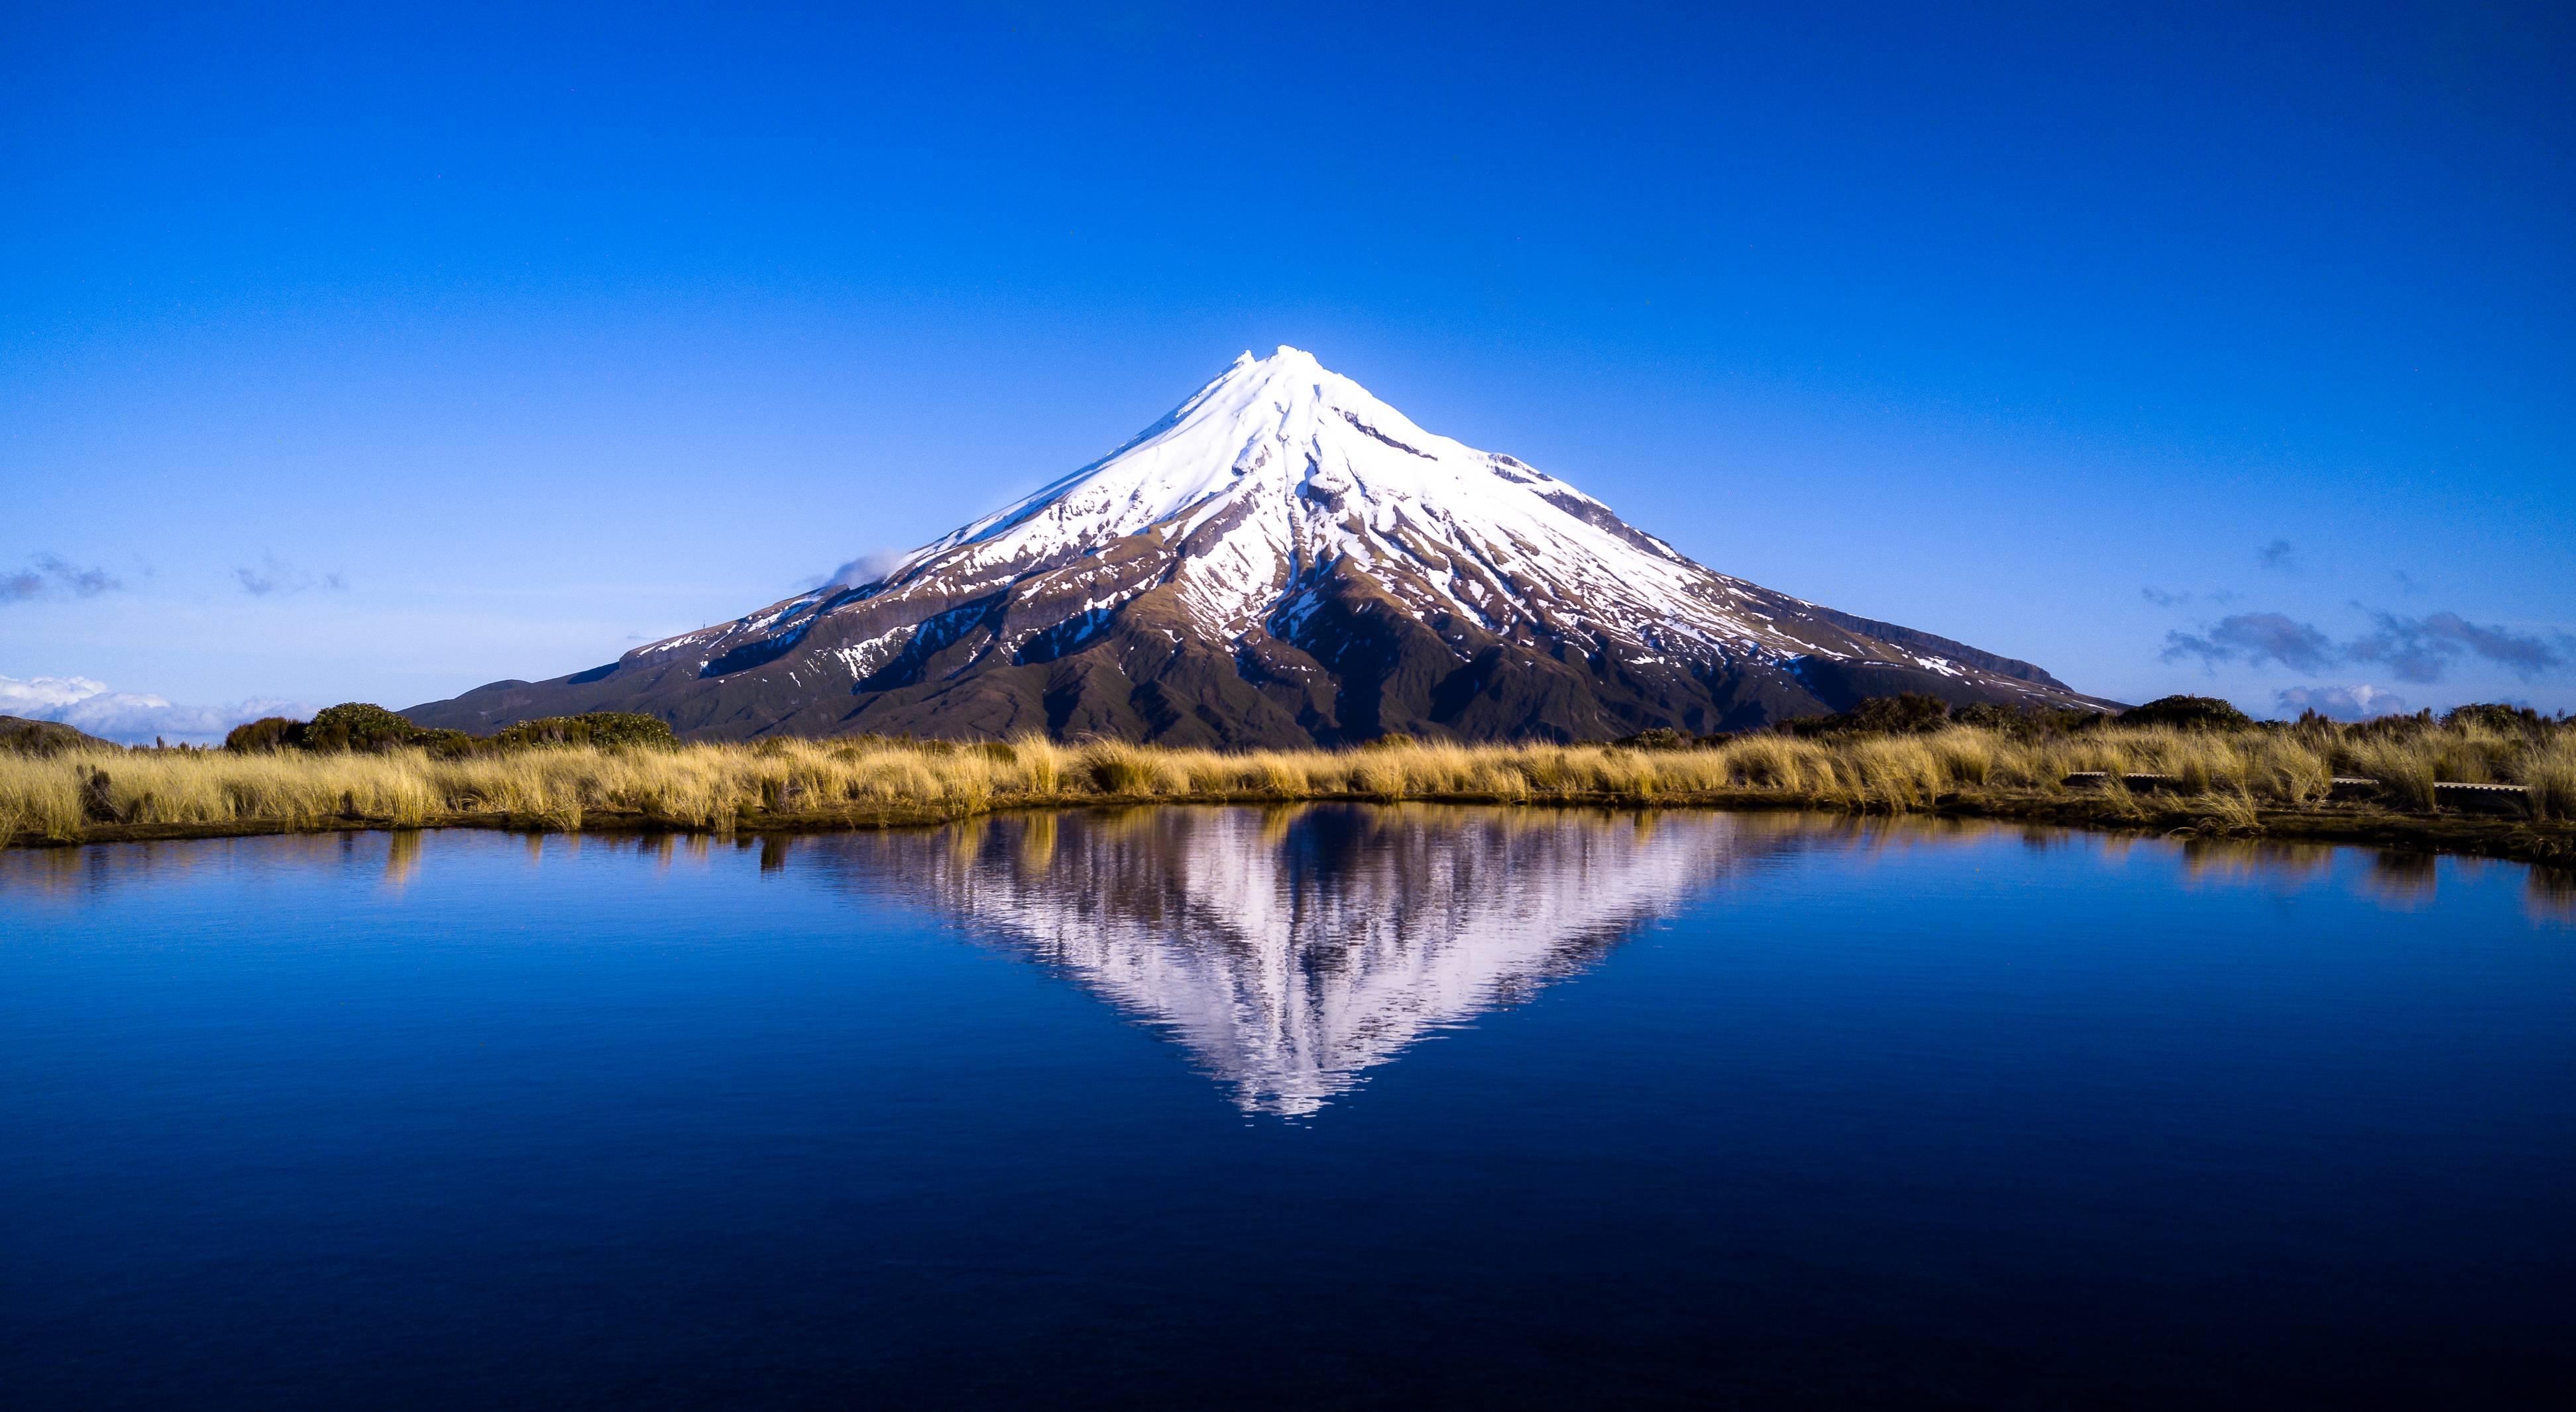 Photo 1: Mount Taranaki